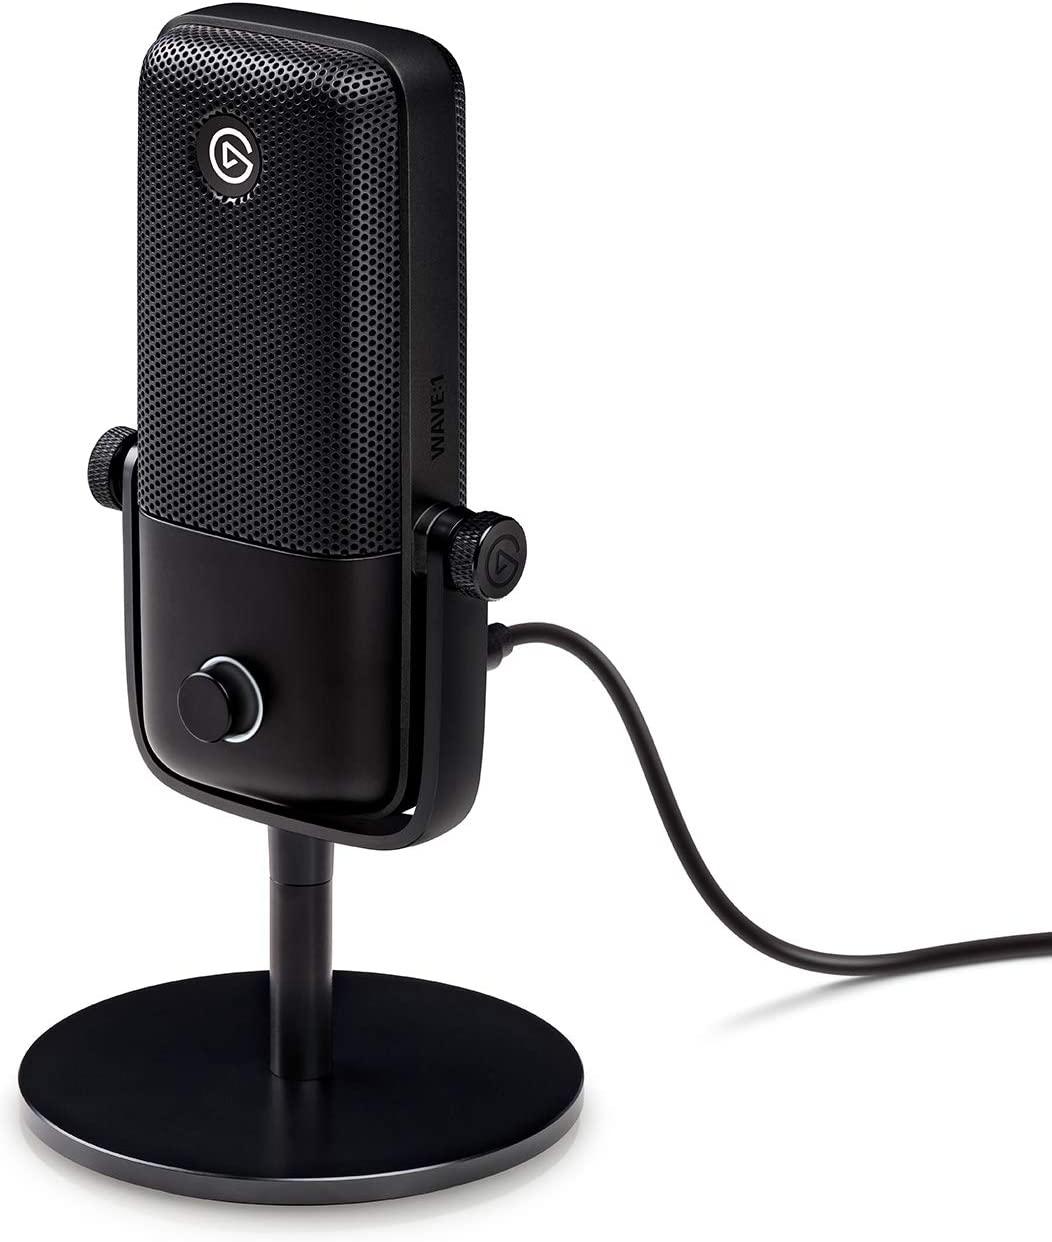 Micrófono condensador Elgato Wave:1